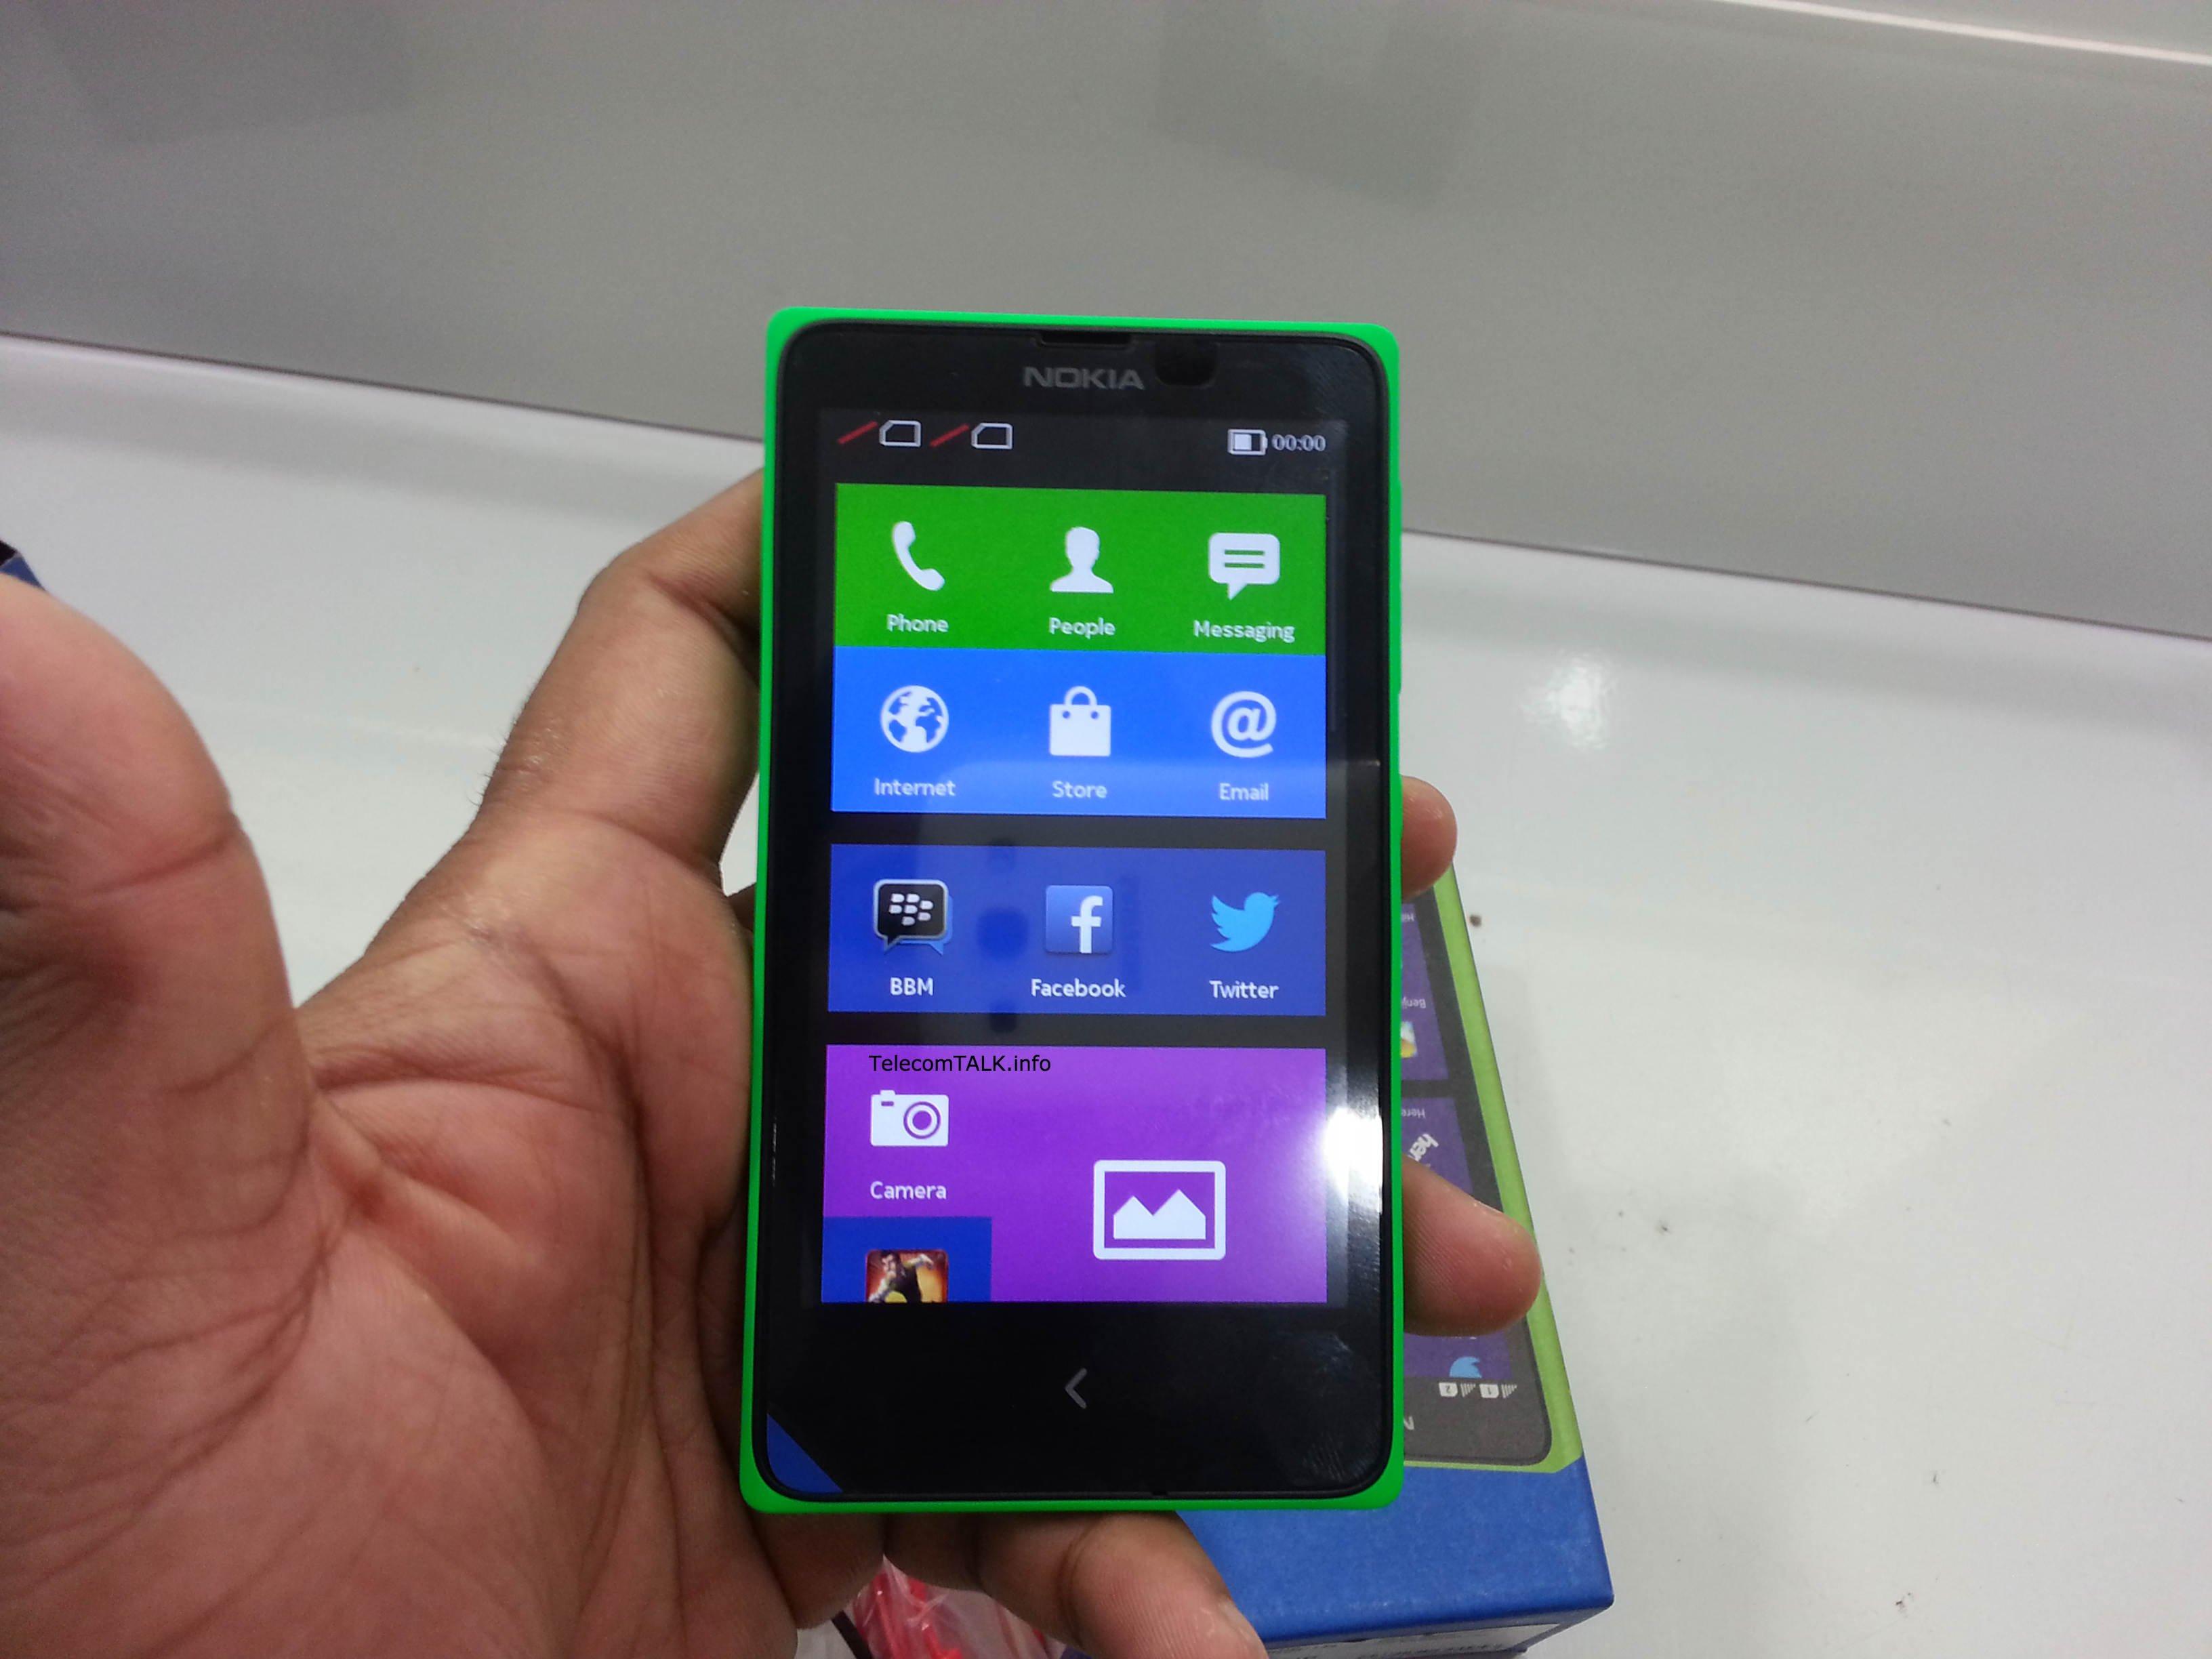 Икс либо 10: финны готовят квыходу смартфон нокиа X